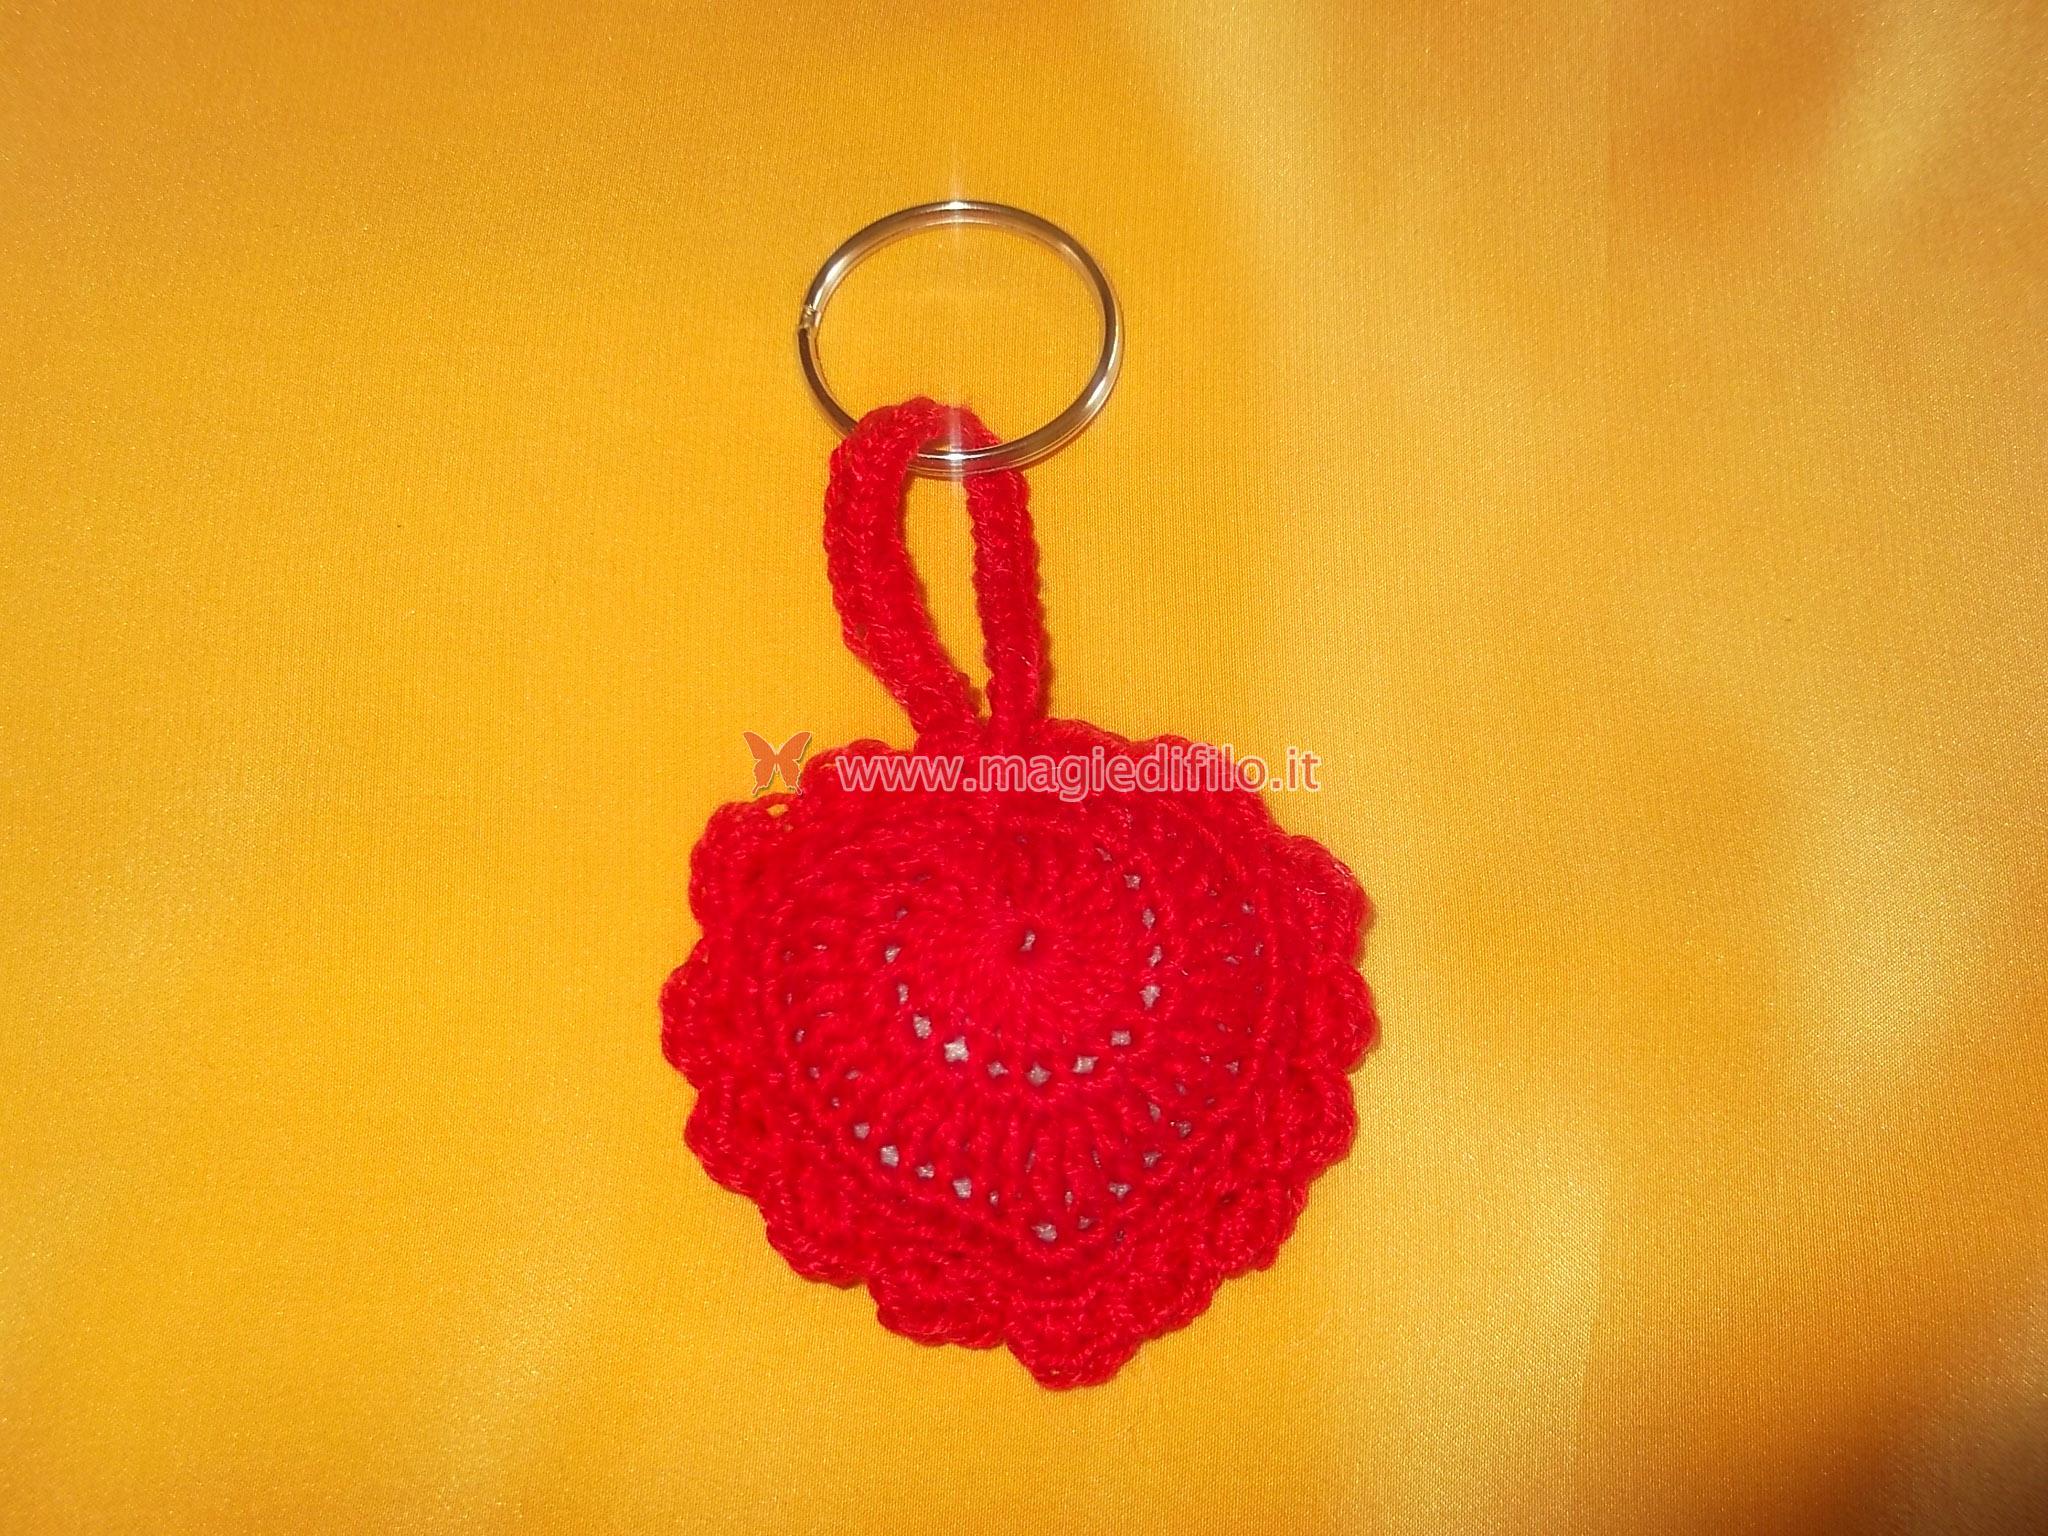 Tutorial Uncinetto Cuore Amigurumi : Realizzare un portachiavi alluncinetto a forma di cuore ...